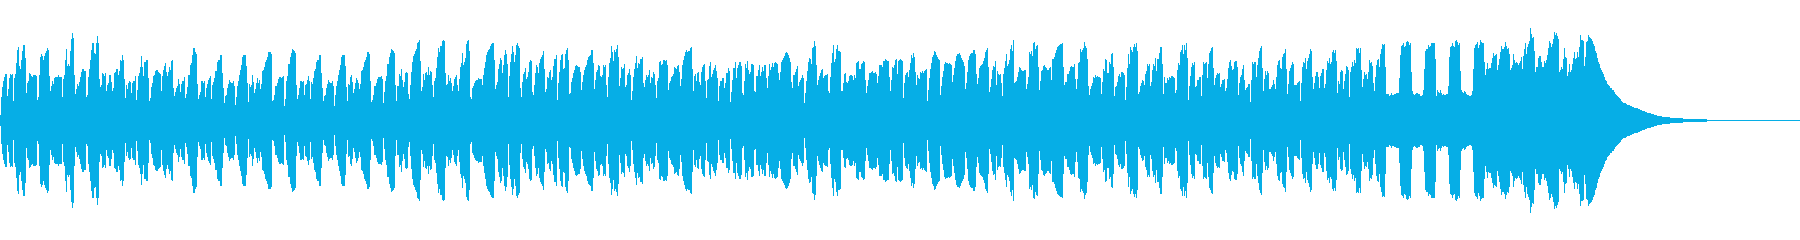 宅急便のCM/リコーダーの再生済みの波形